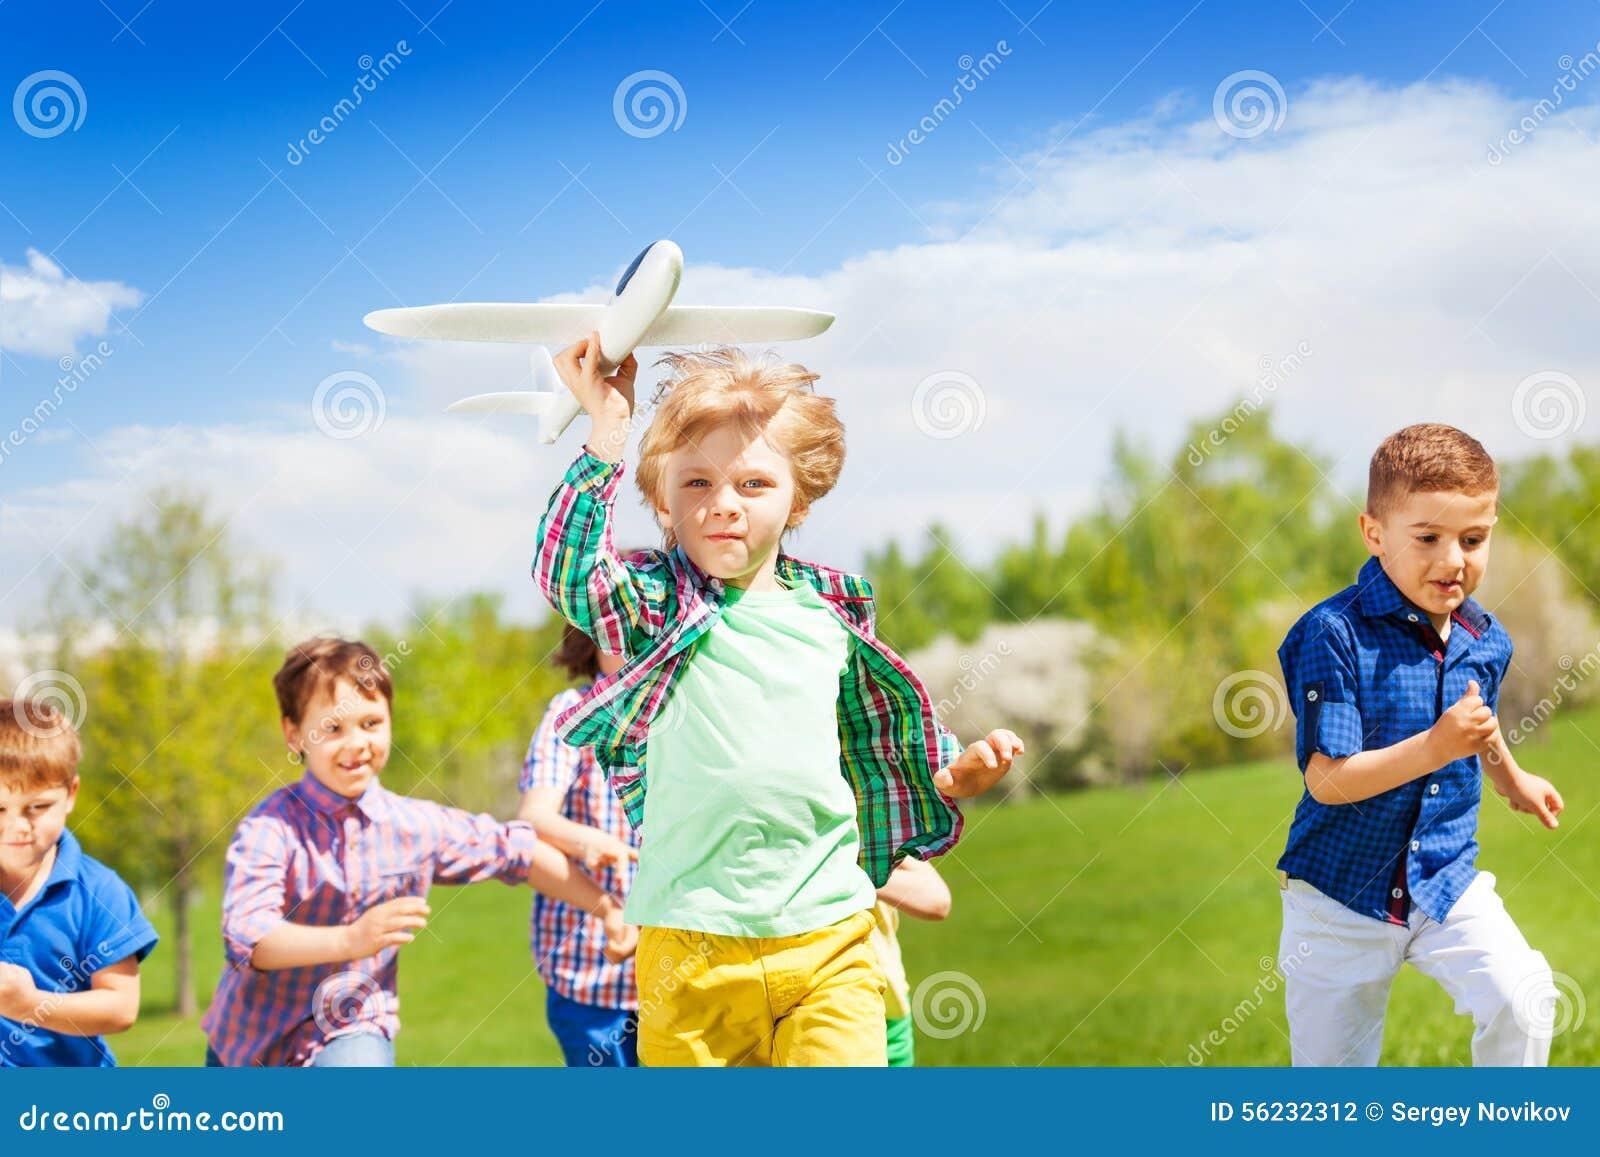 Grupo de niños corrientes felices con el juguete del aeroplano